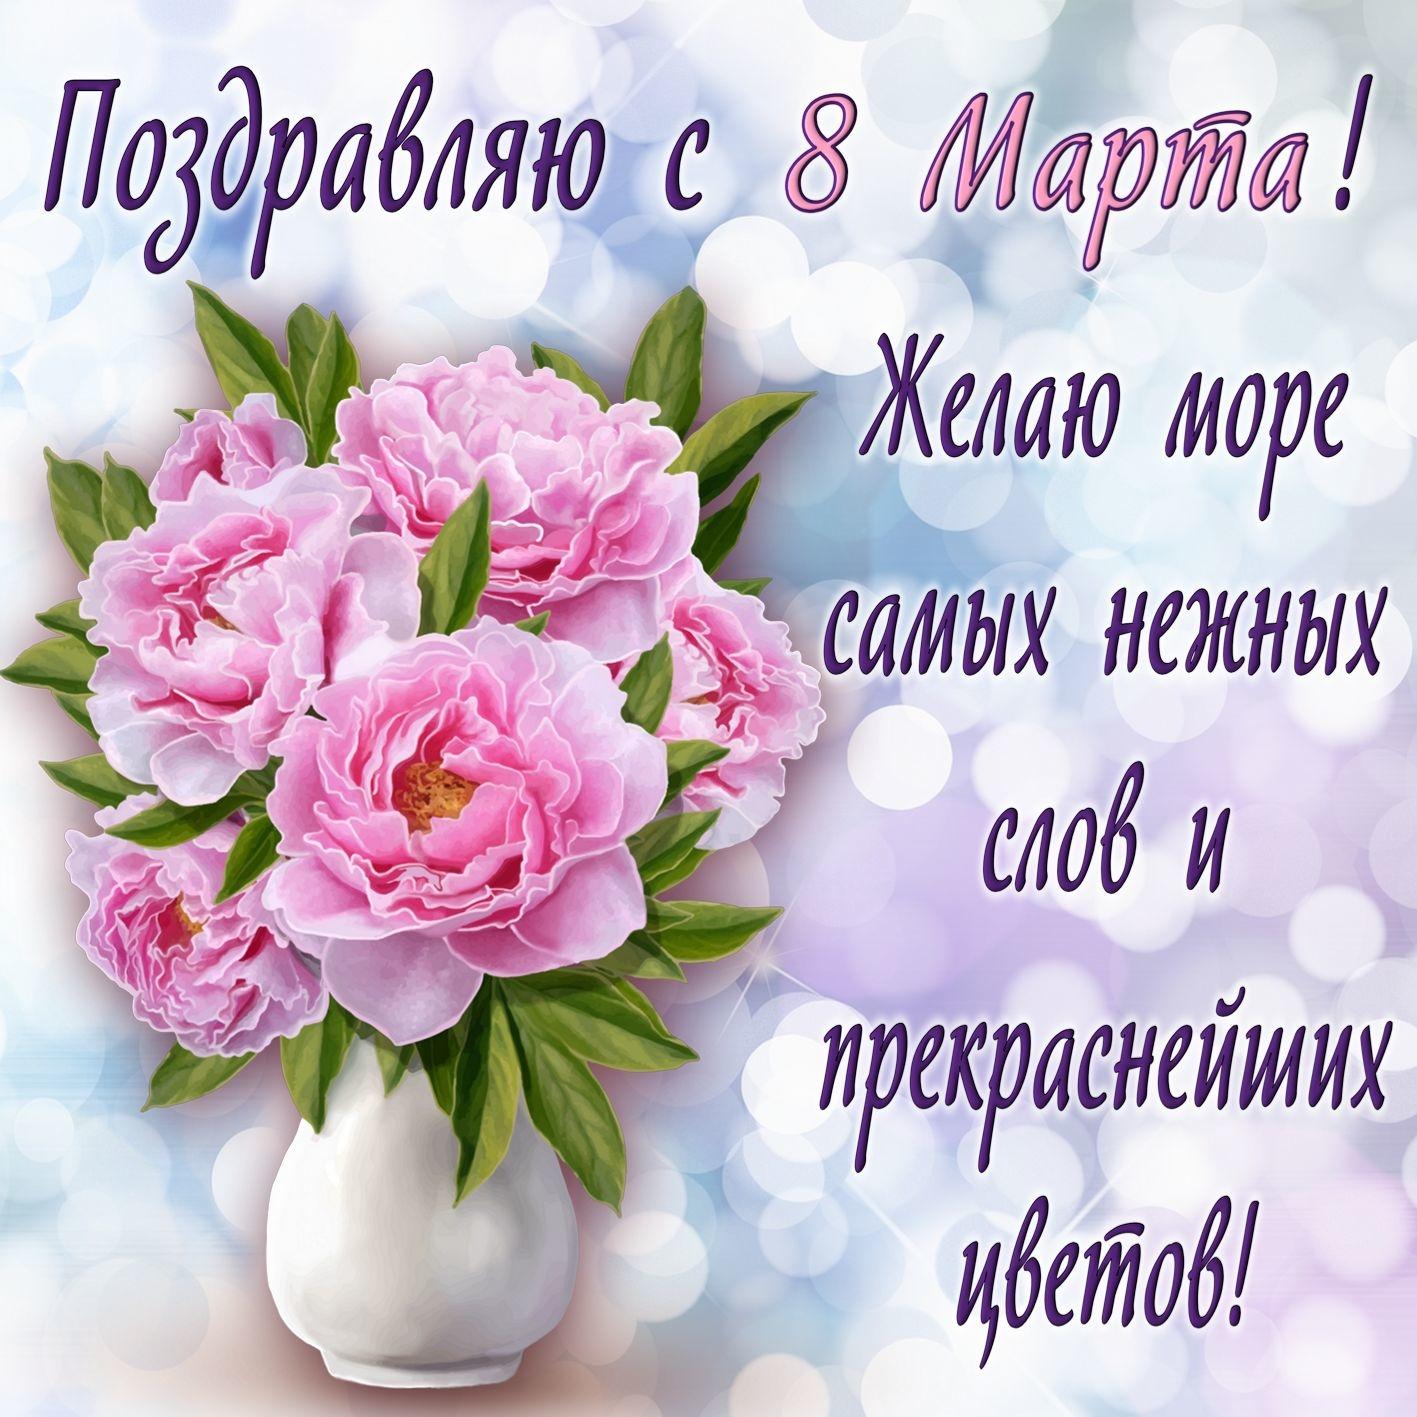 Поздравление соседке с 8 марта в стихах